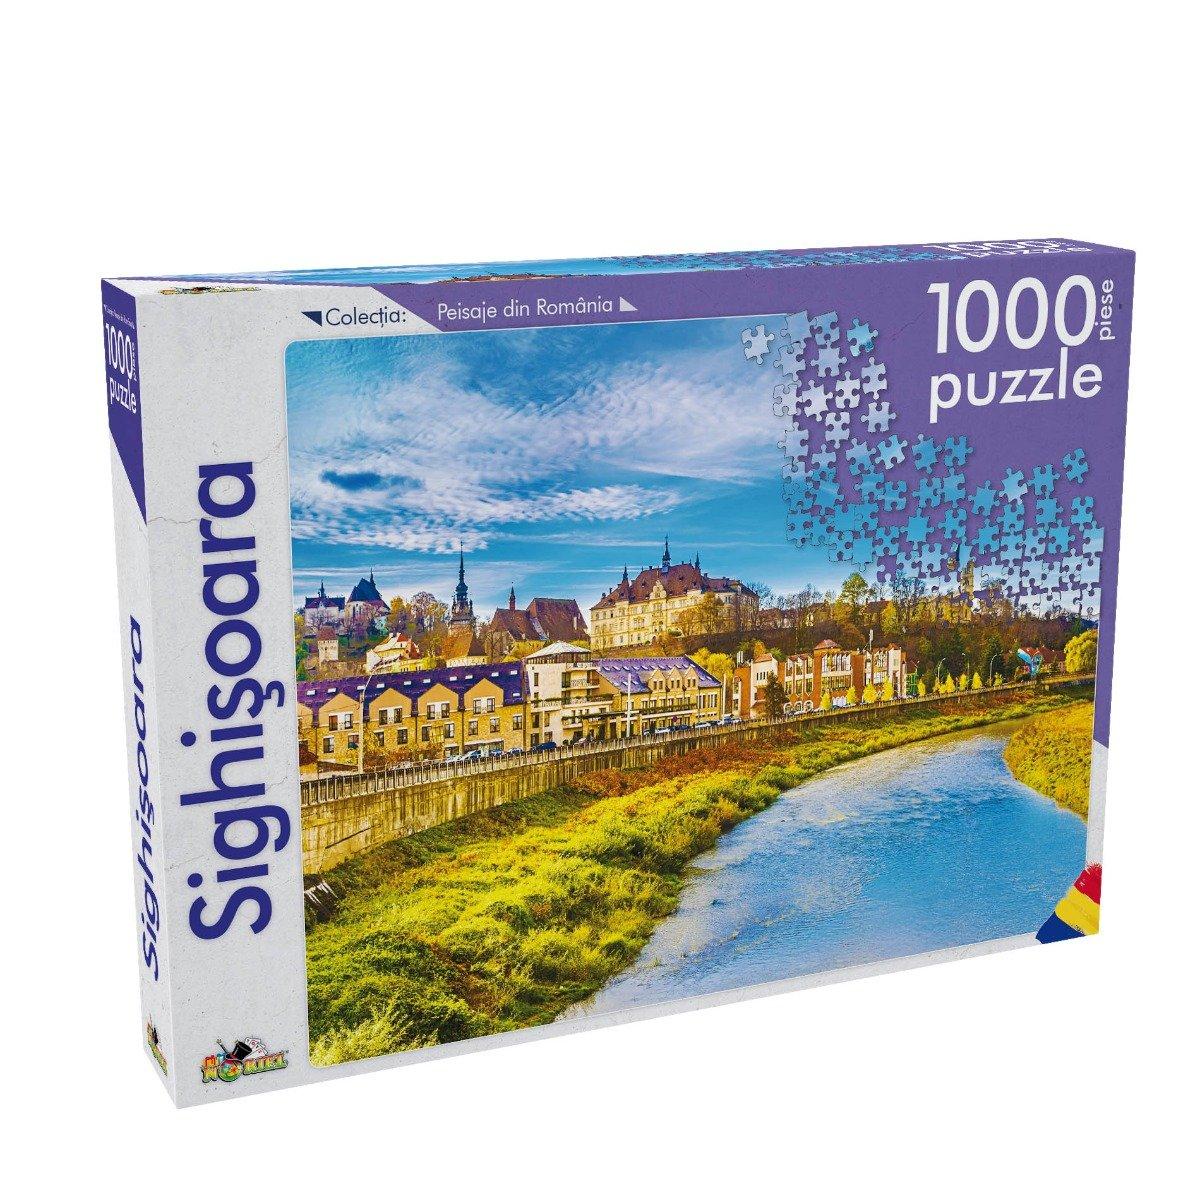 Puzzle Noriel - Peisaje din Romania - Sighisoara, 1000 Piese